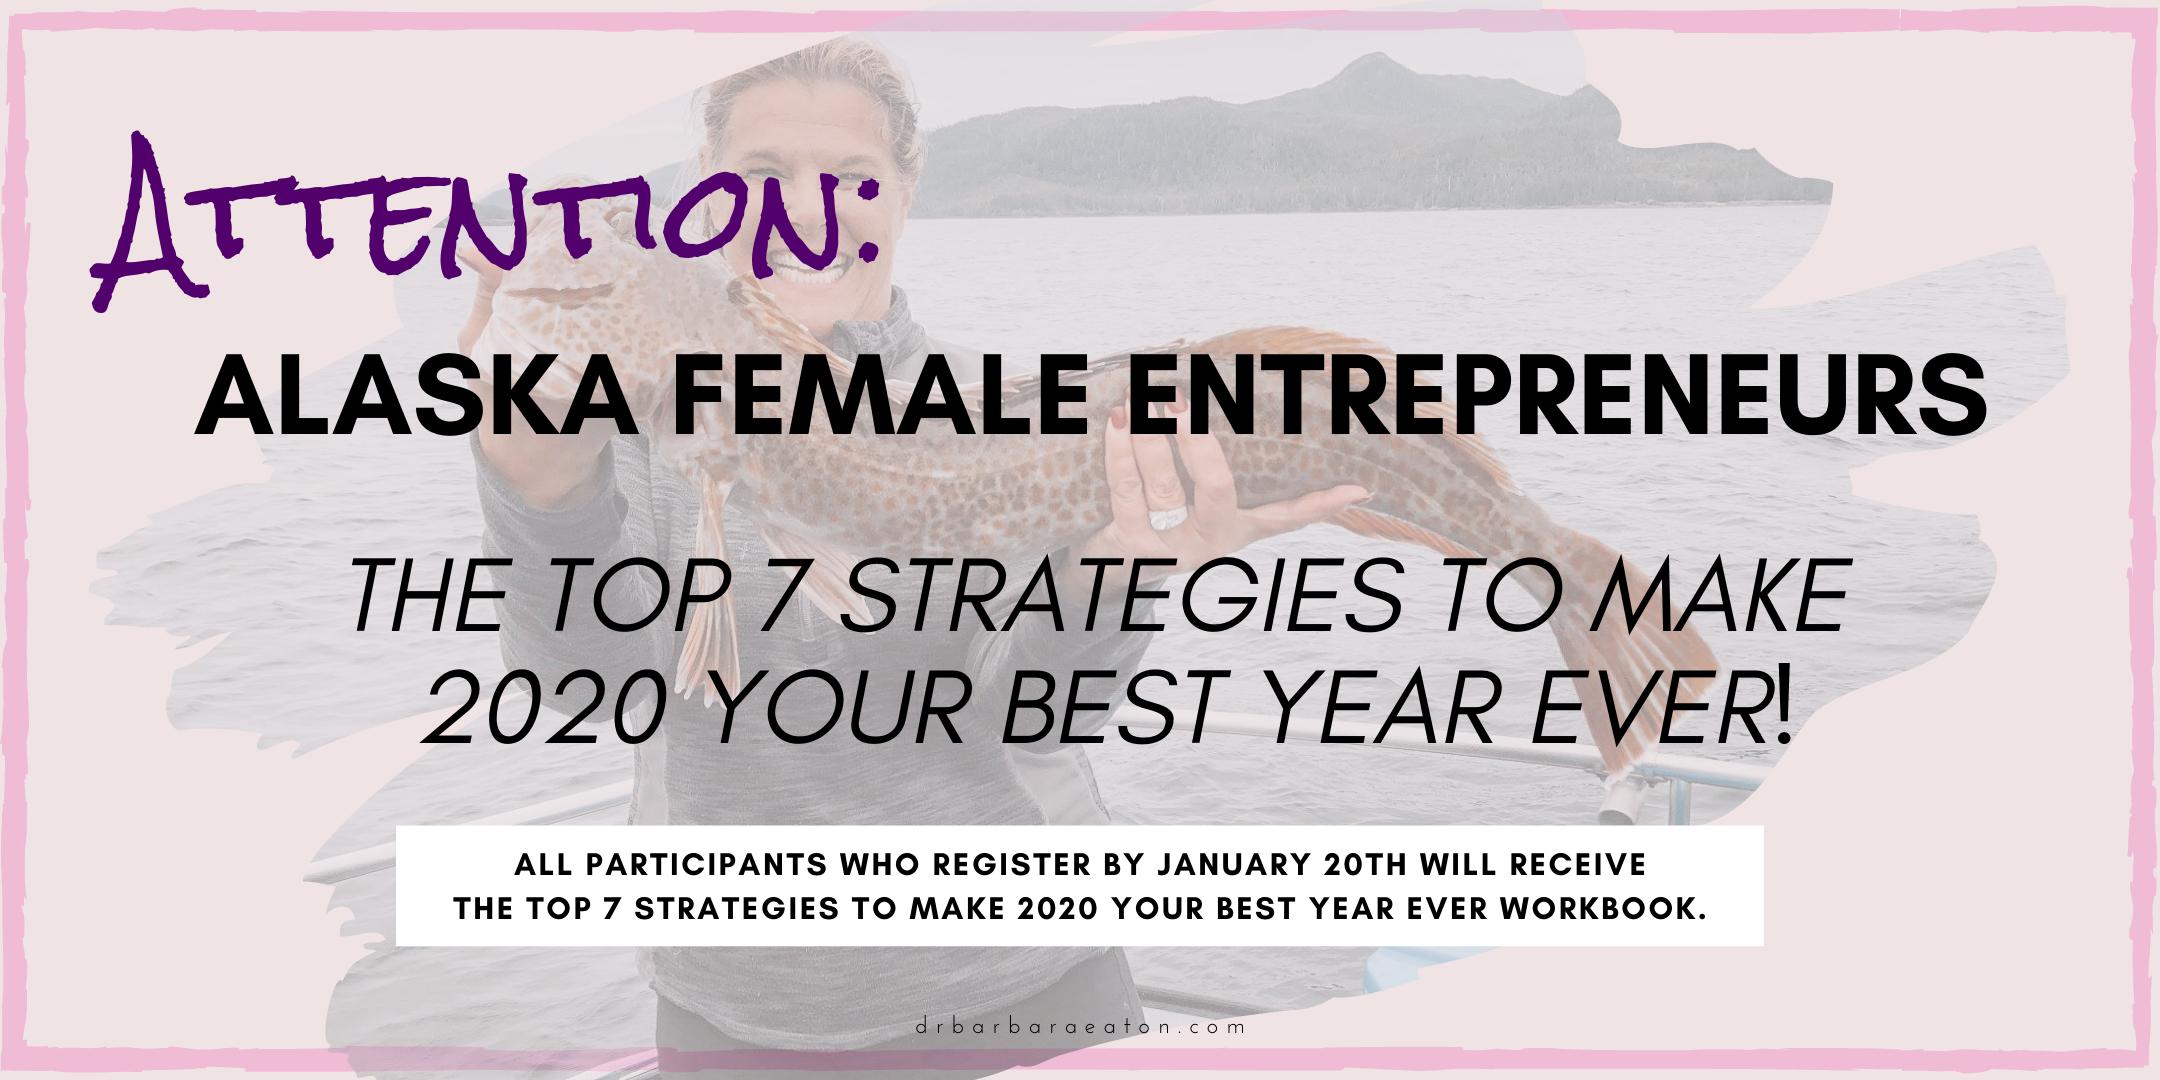 ATTENTION: Alaska Female Entrepreneurs Part 2